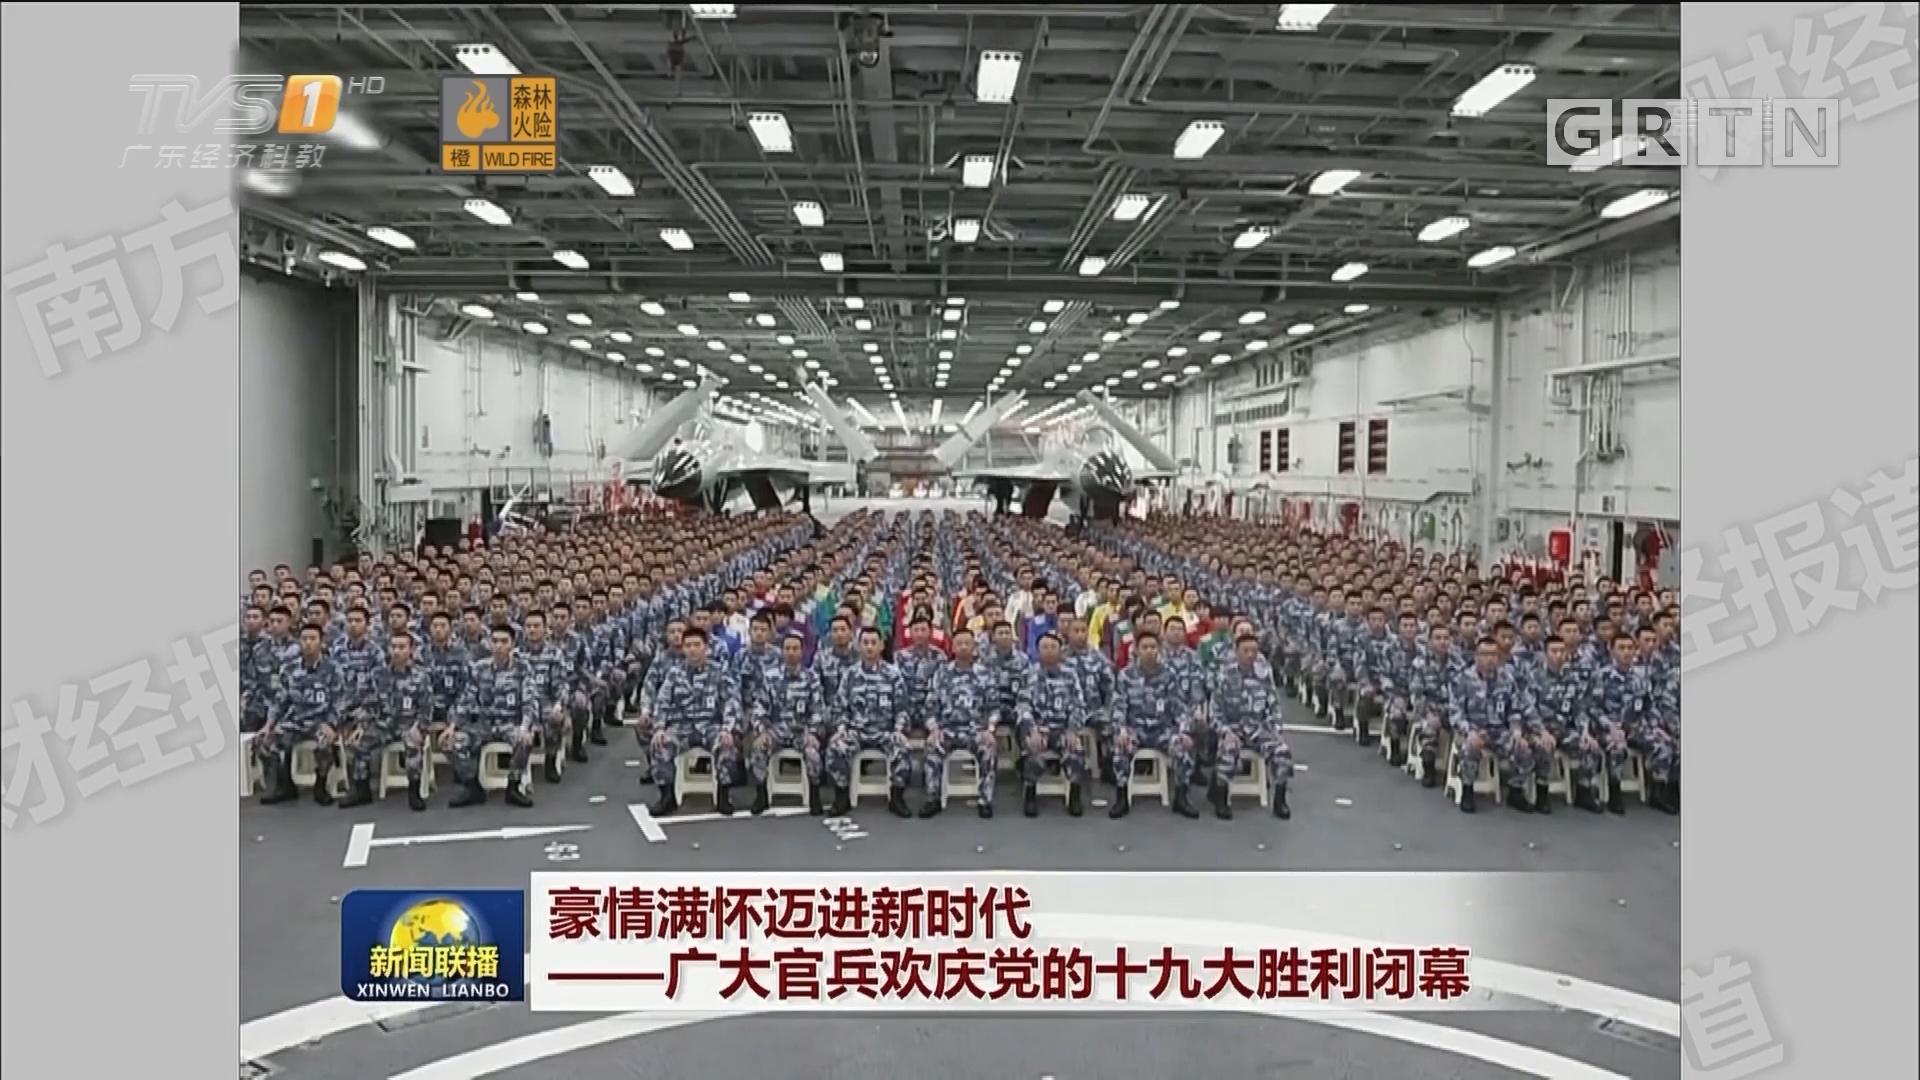 豪情满怀迈进新时代——广大官兵欢庆党的十九大胜利闭幕